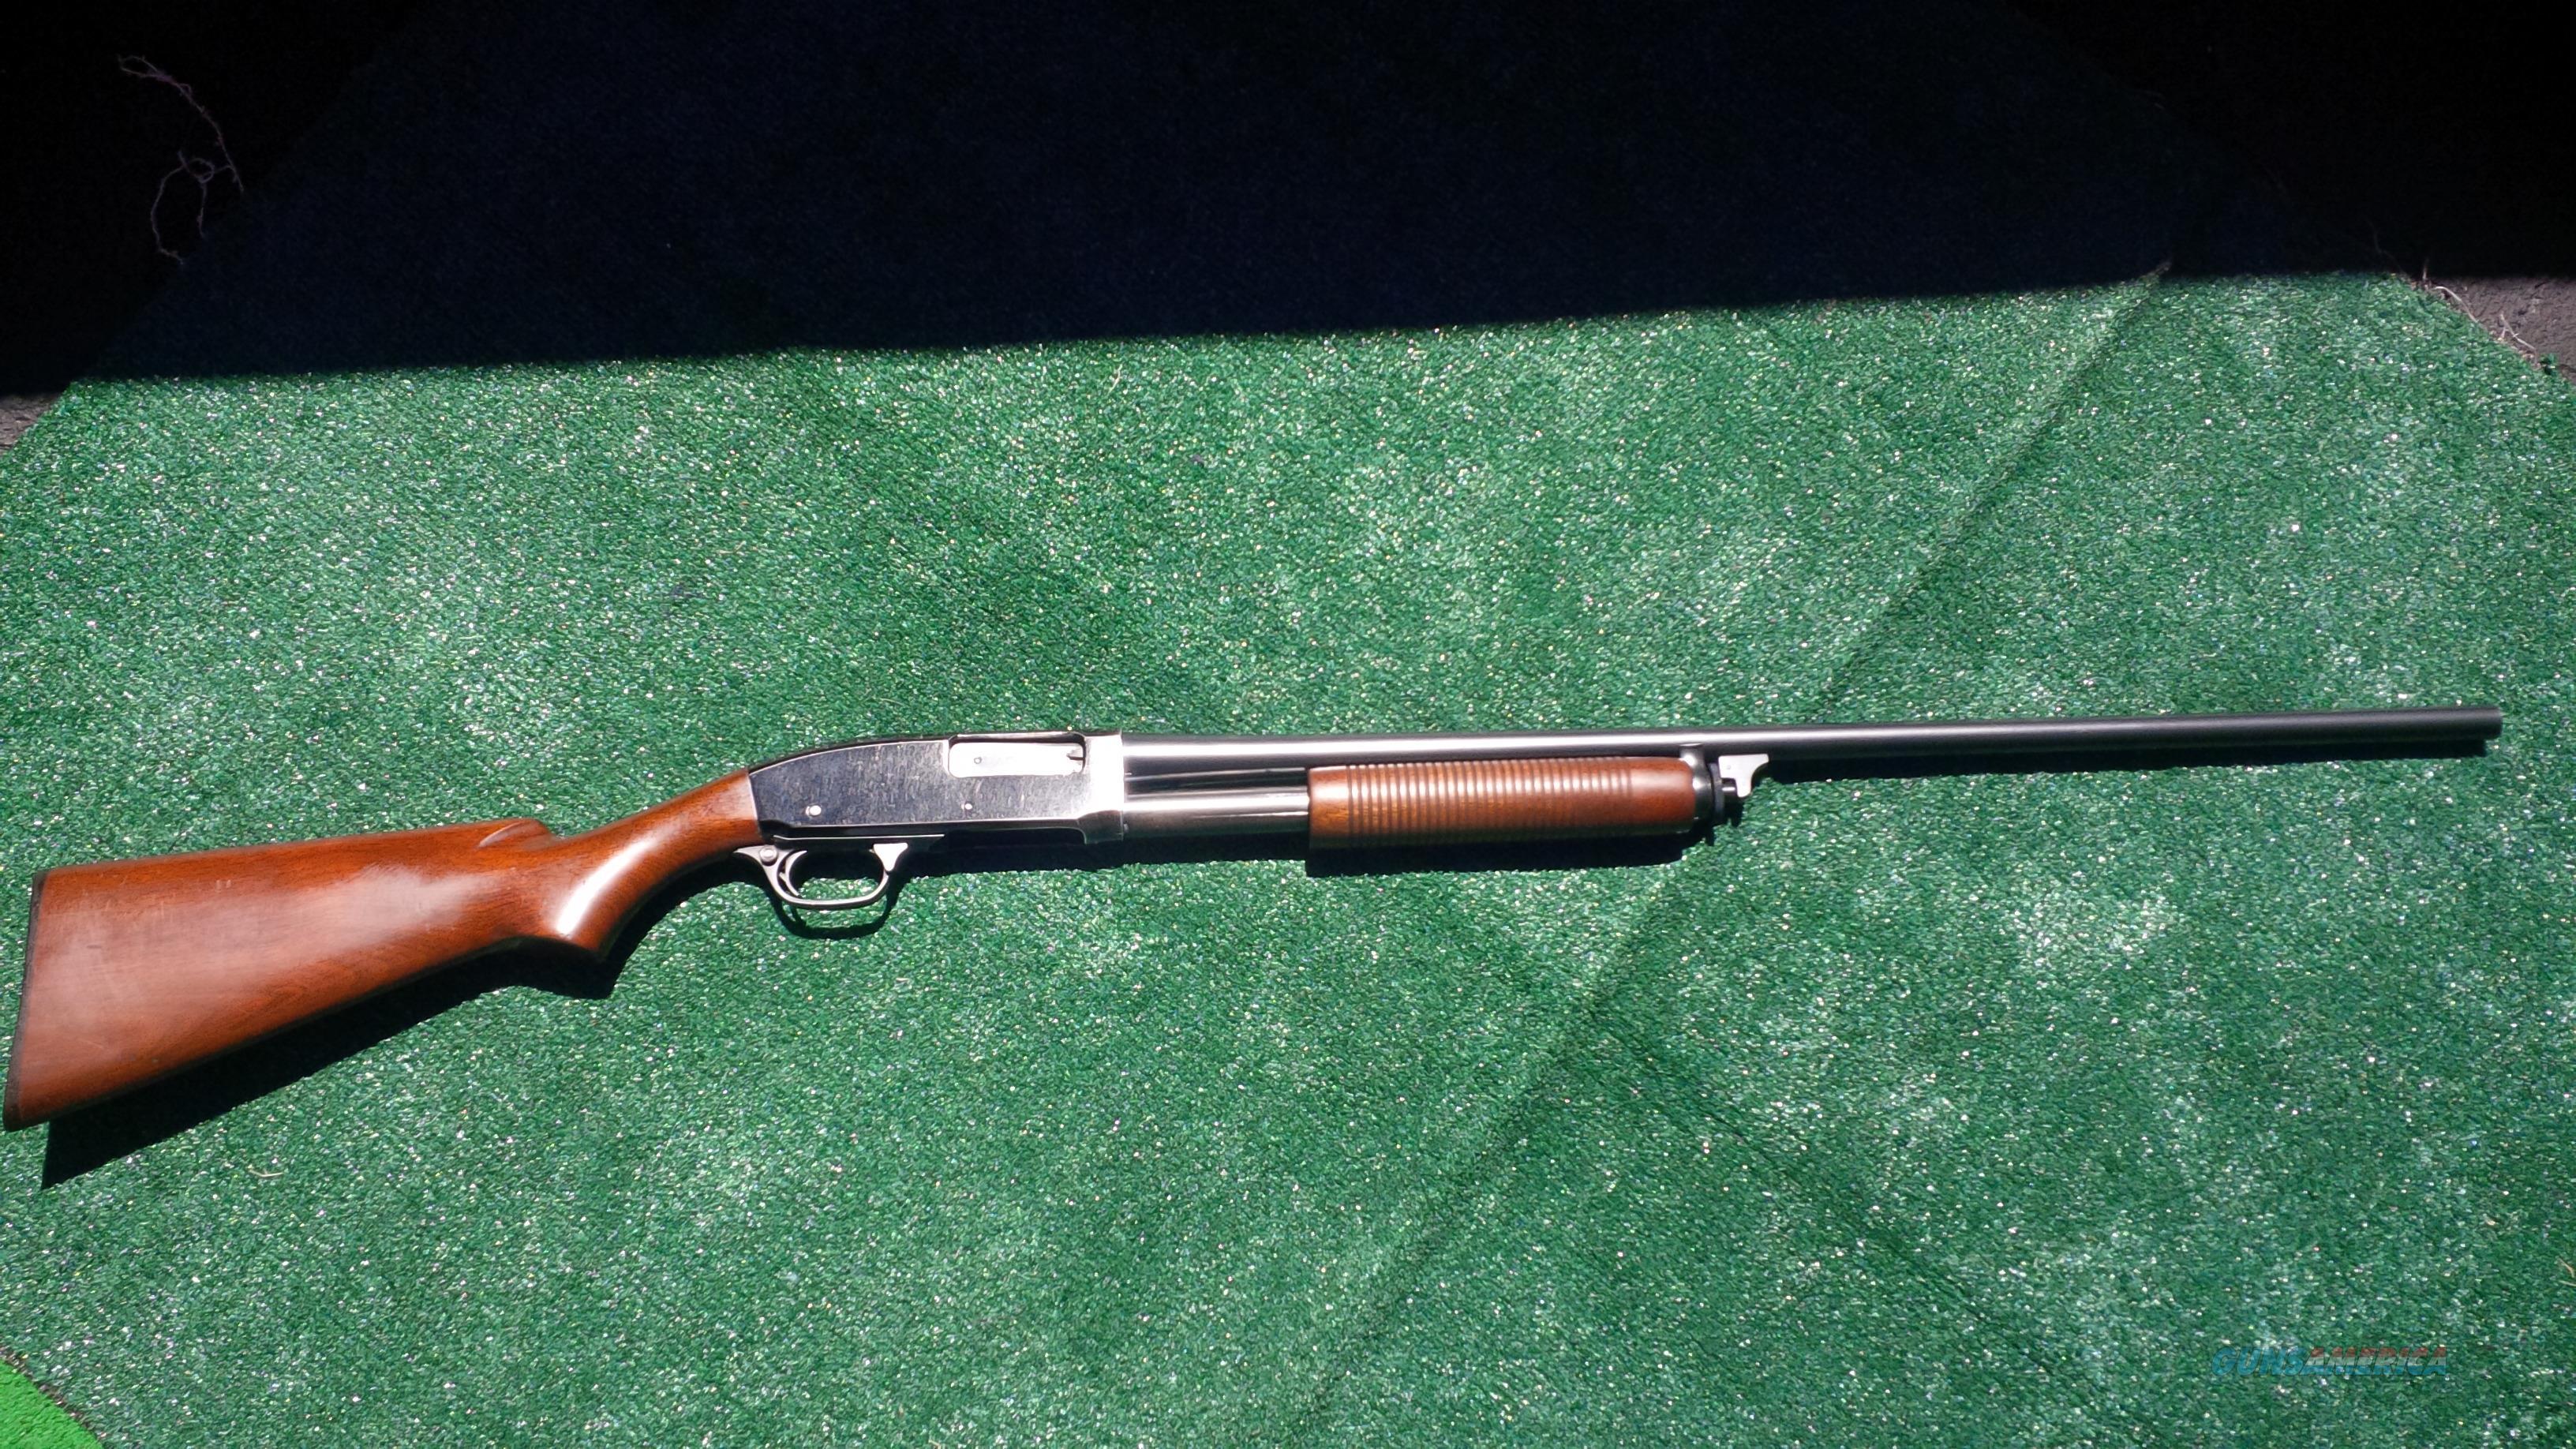 Remington 31L 20 gauge pump shotgun for sale